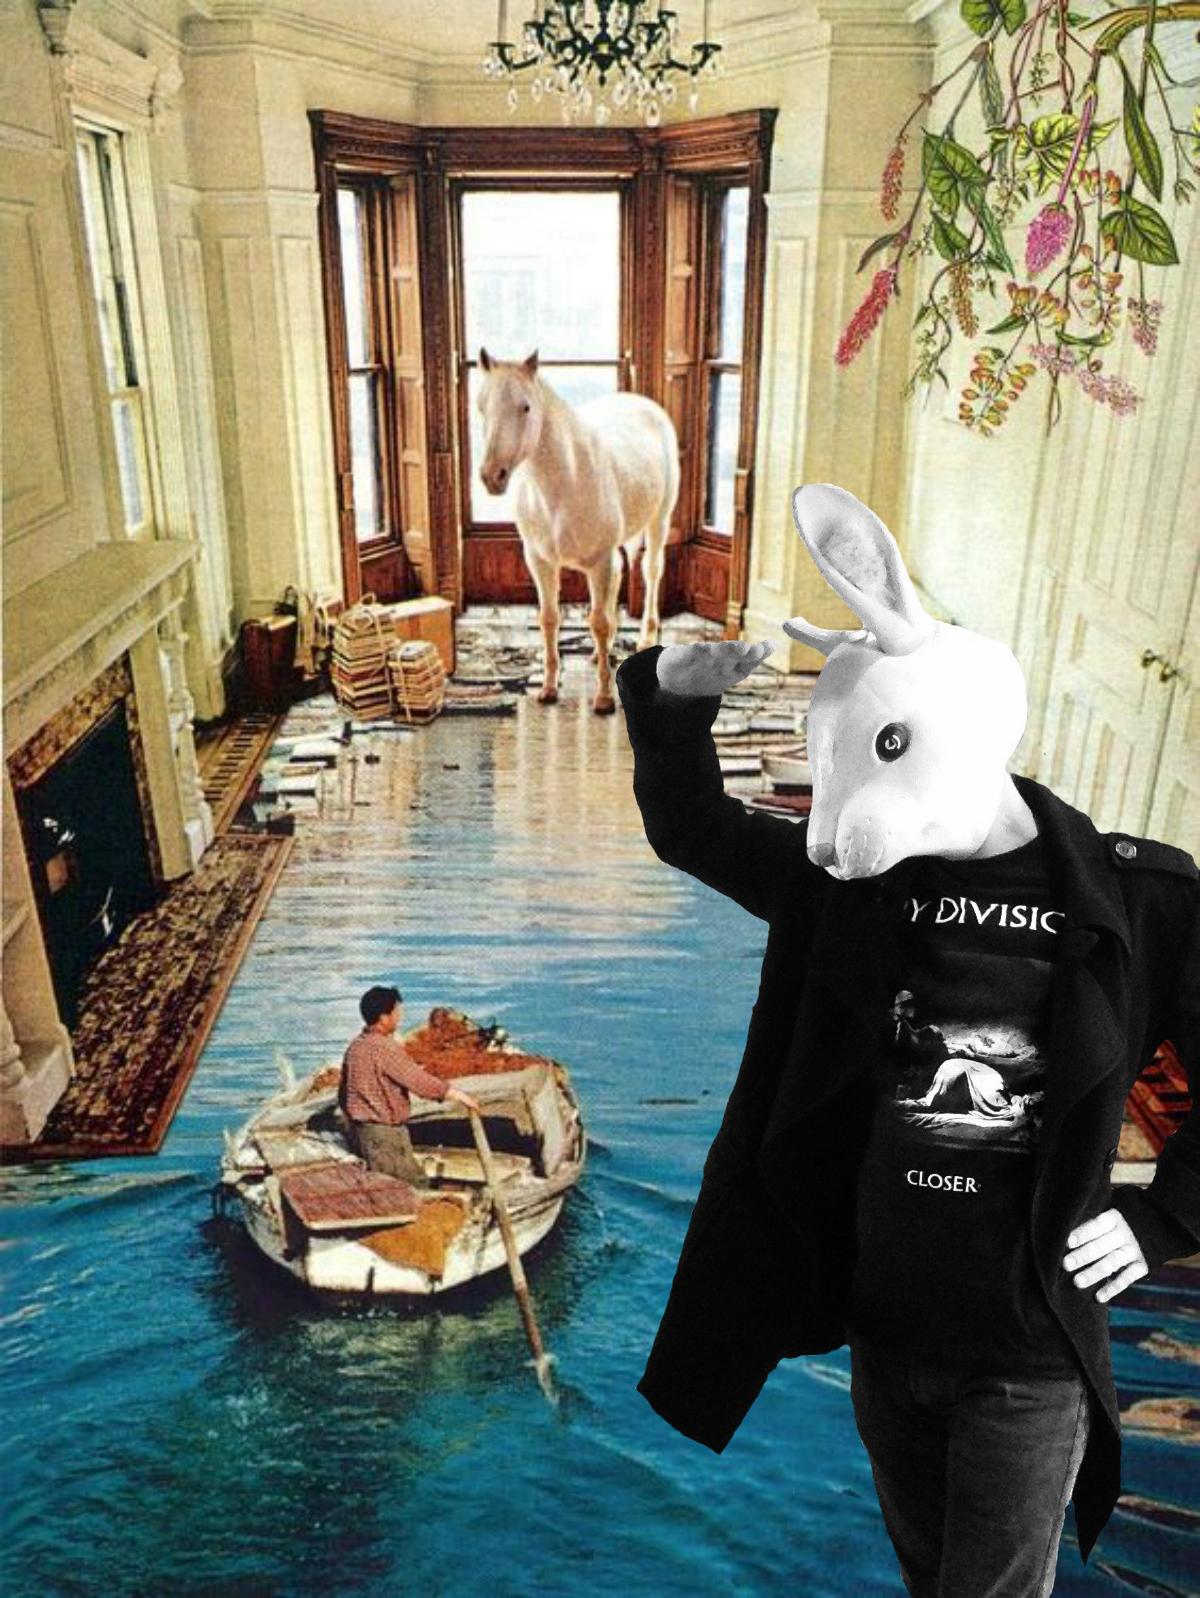 On est tous dans la même barque il n'y aura pas de sauveur à part nous... We're all in this together , No one is coming to save us except ourselves ...